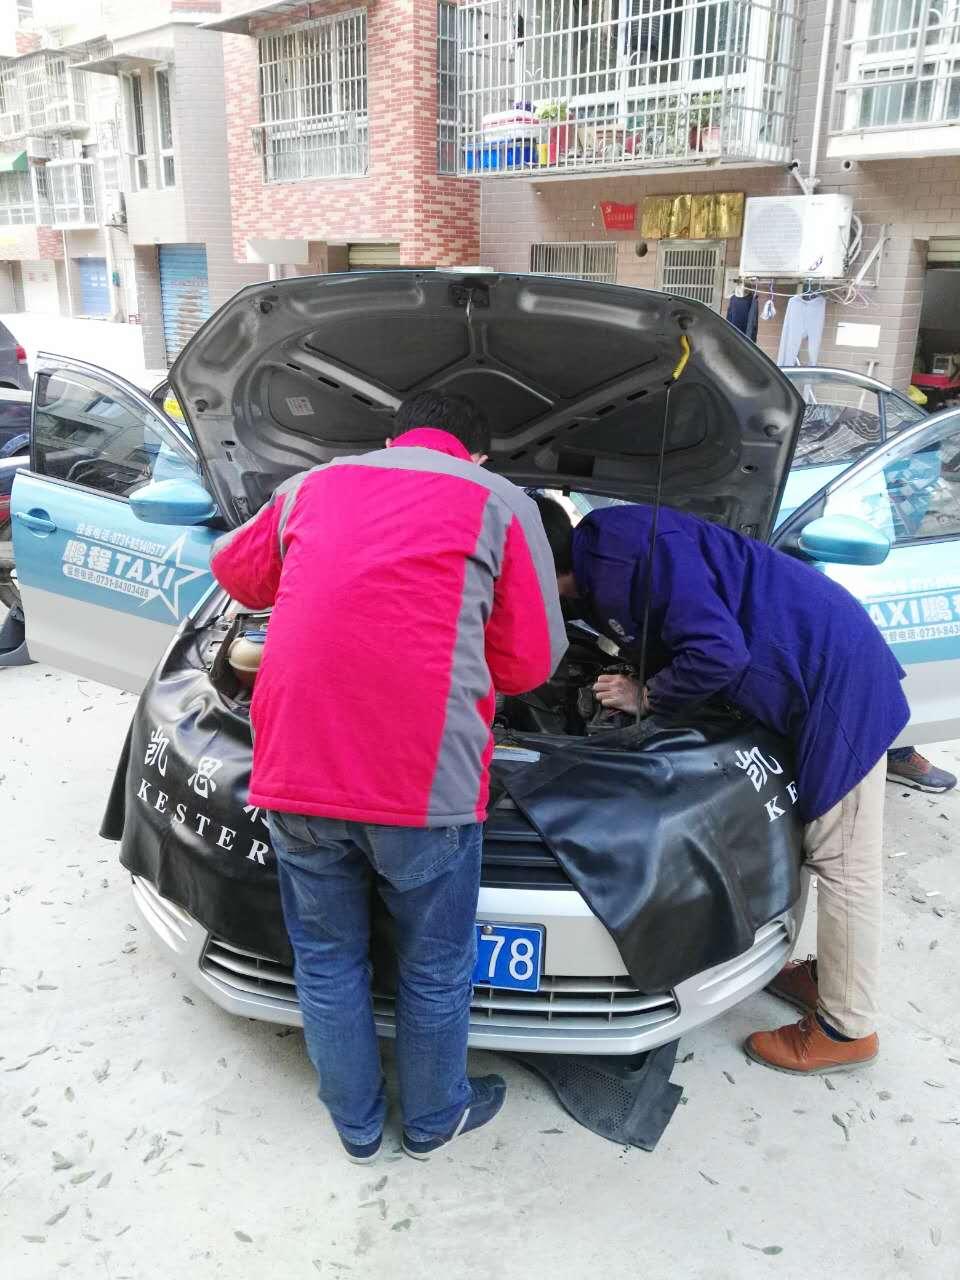 天津汽车离合器机器人厂家代理加盟_湖南专业的汽车自动离合器代理加盟哪家公司有提供